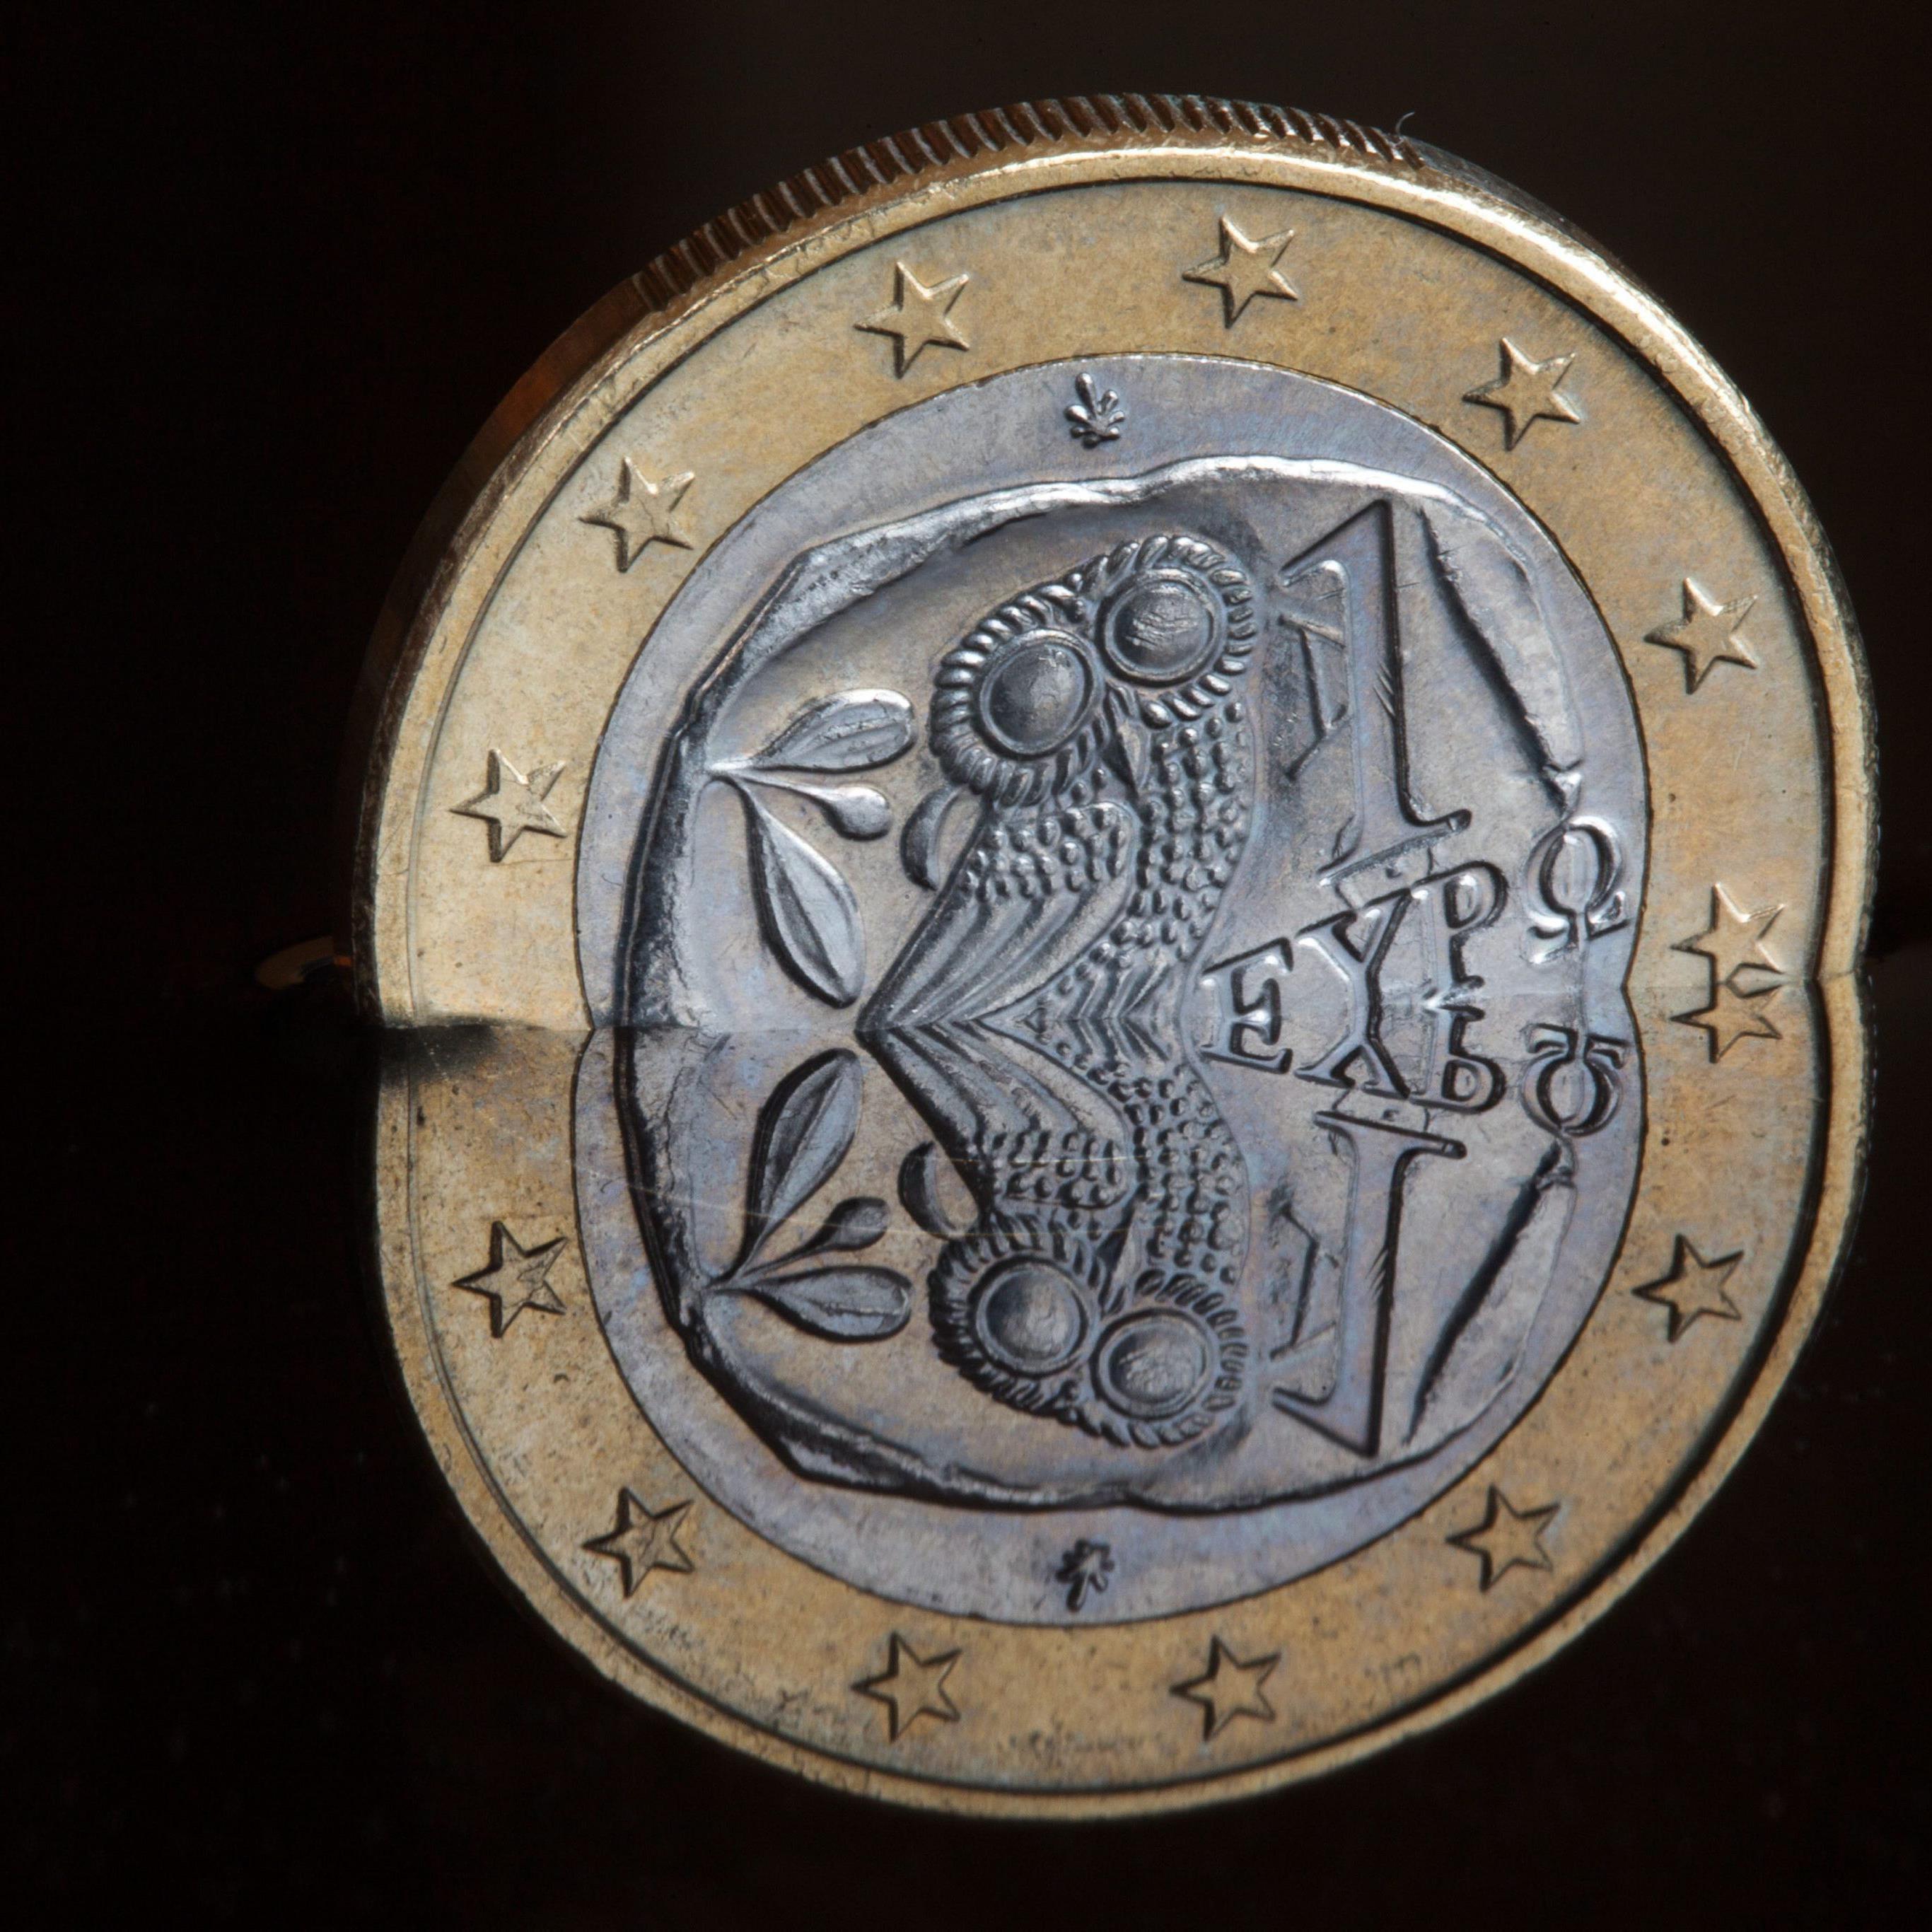 Athen kämpft mit aktuen Finanzproblemen und hofft auf schnellere Hilfe.